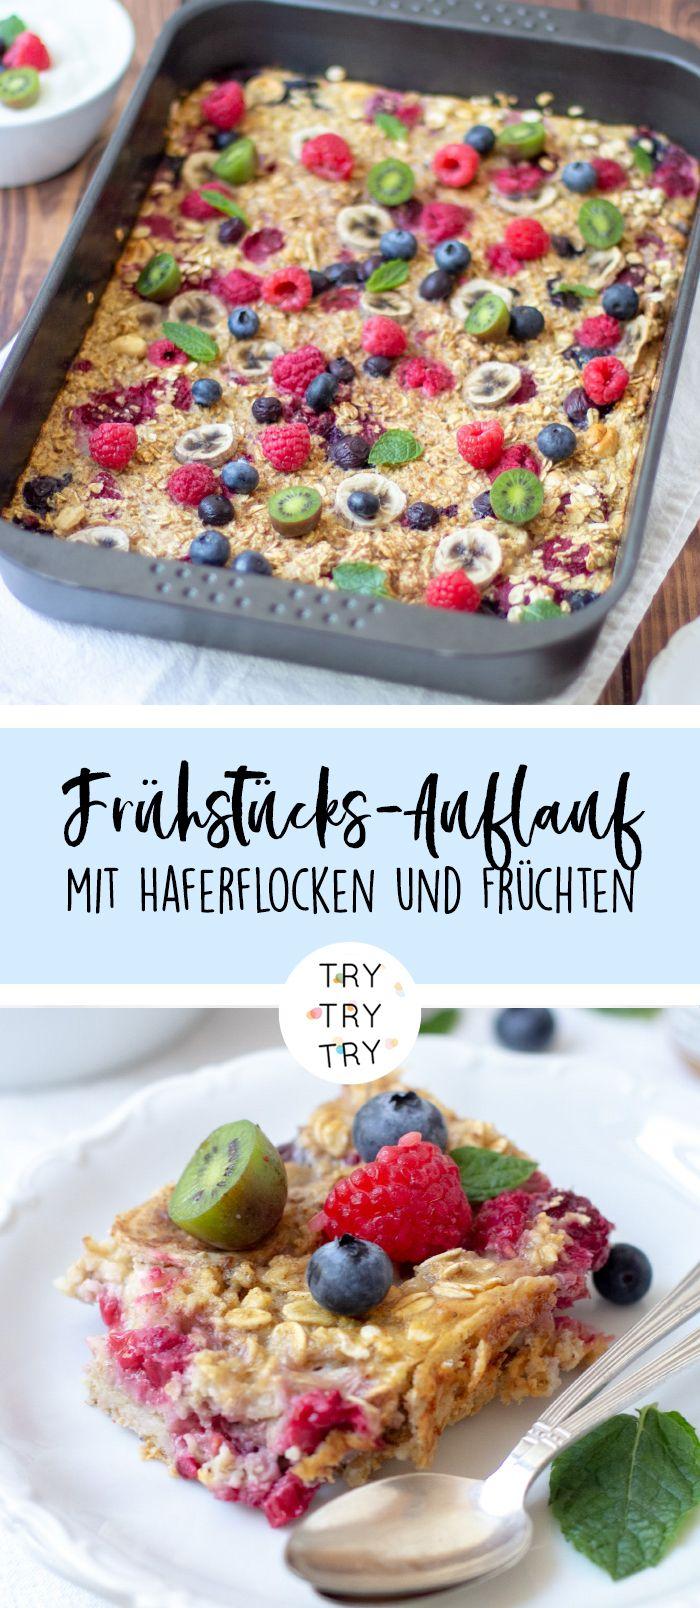 Frühstücks-Auflauf mit Haferflocken und Früchten